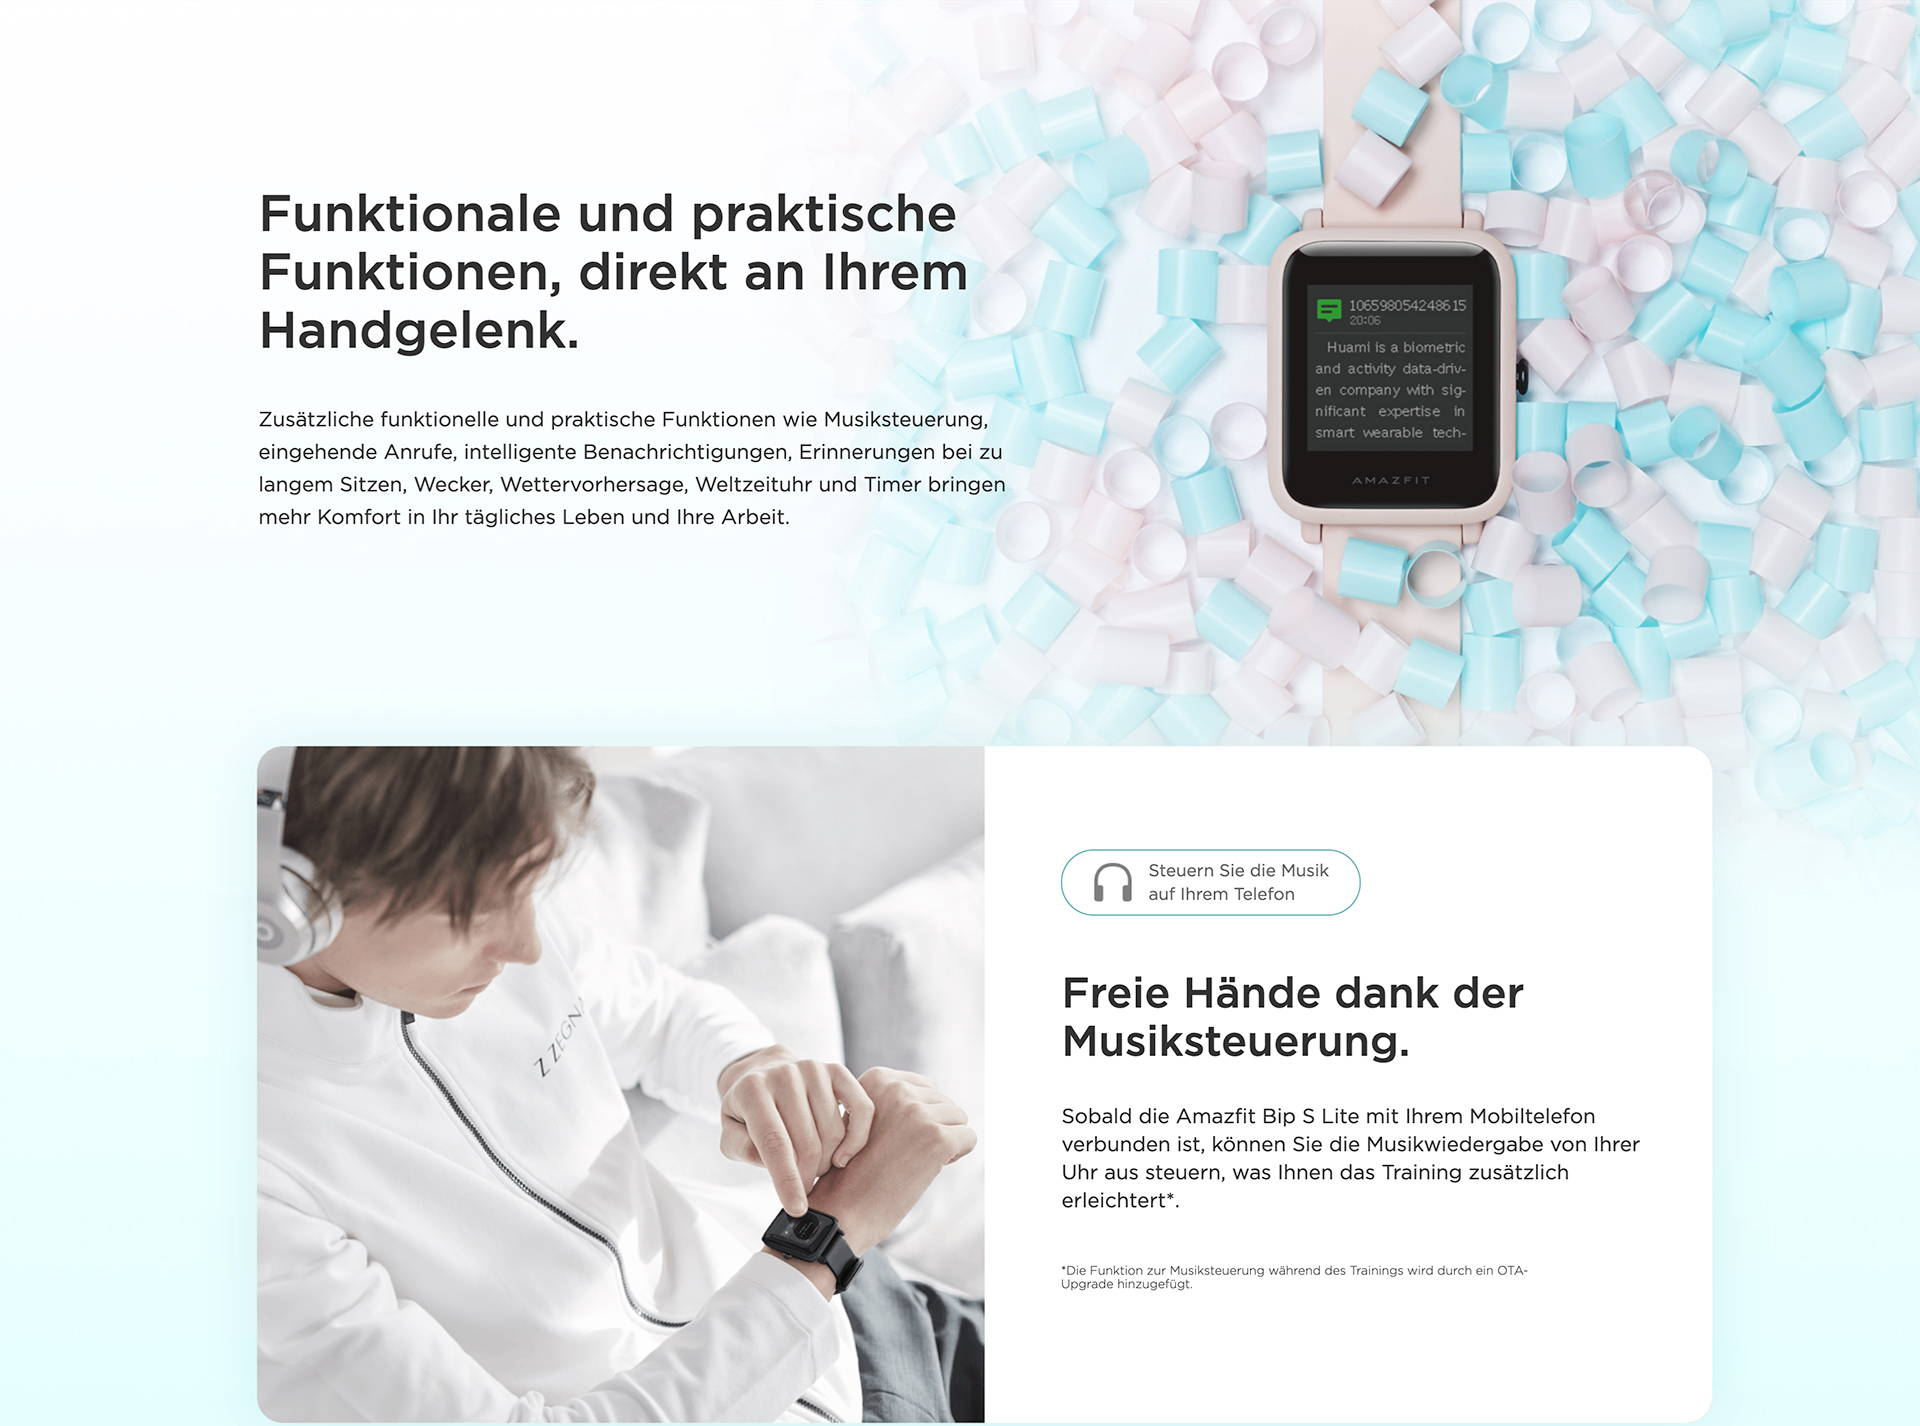 Amazfit DE - Amazfit Bip S Lite - Funktionale und praktische Funktionen, direkt an Ihrem Handgelenk | Freie Hände dank der Musiksteuerung